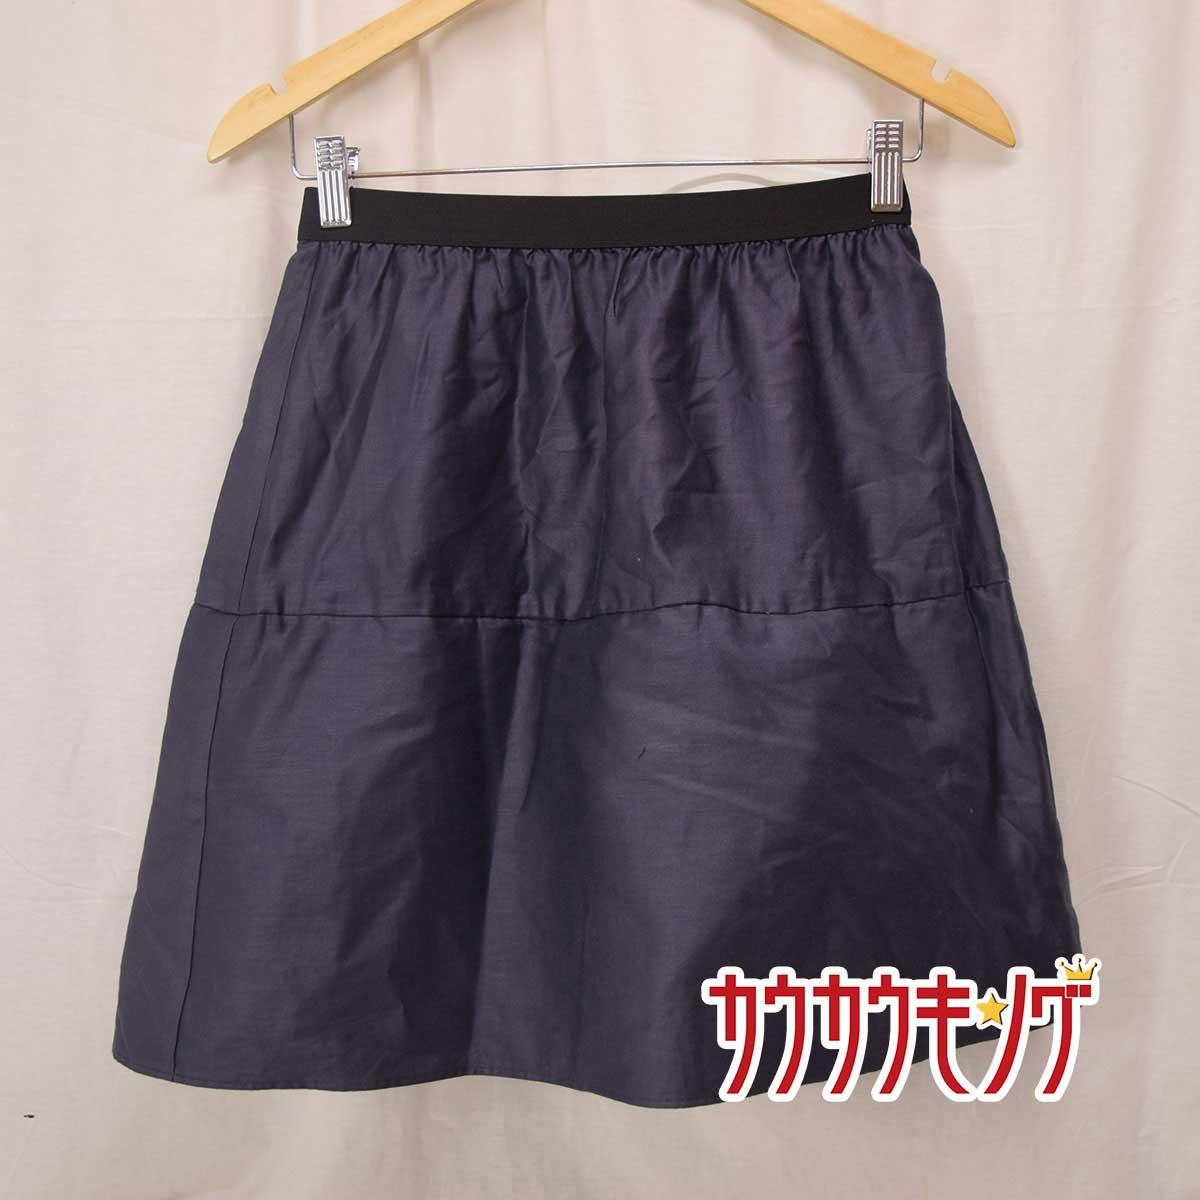 中古 DRESSTERIOR ドレステリア スカート 専門店 レディース ネイビー サイズ36 豊富な品